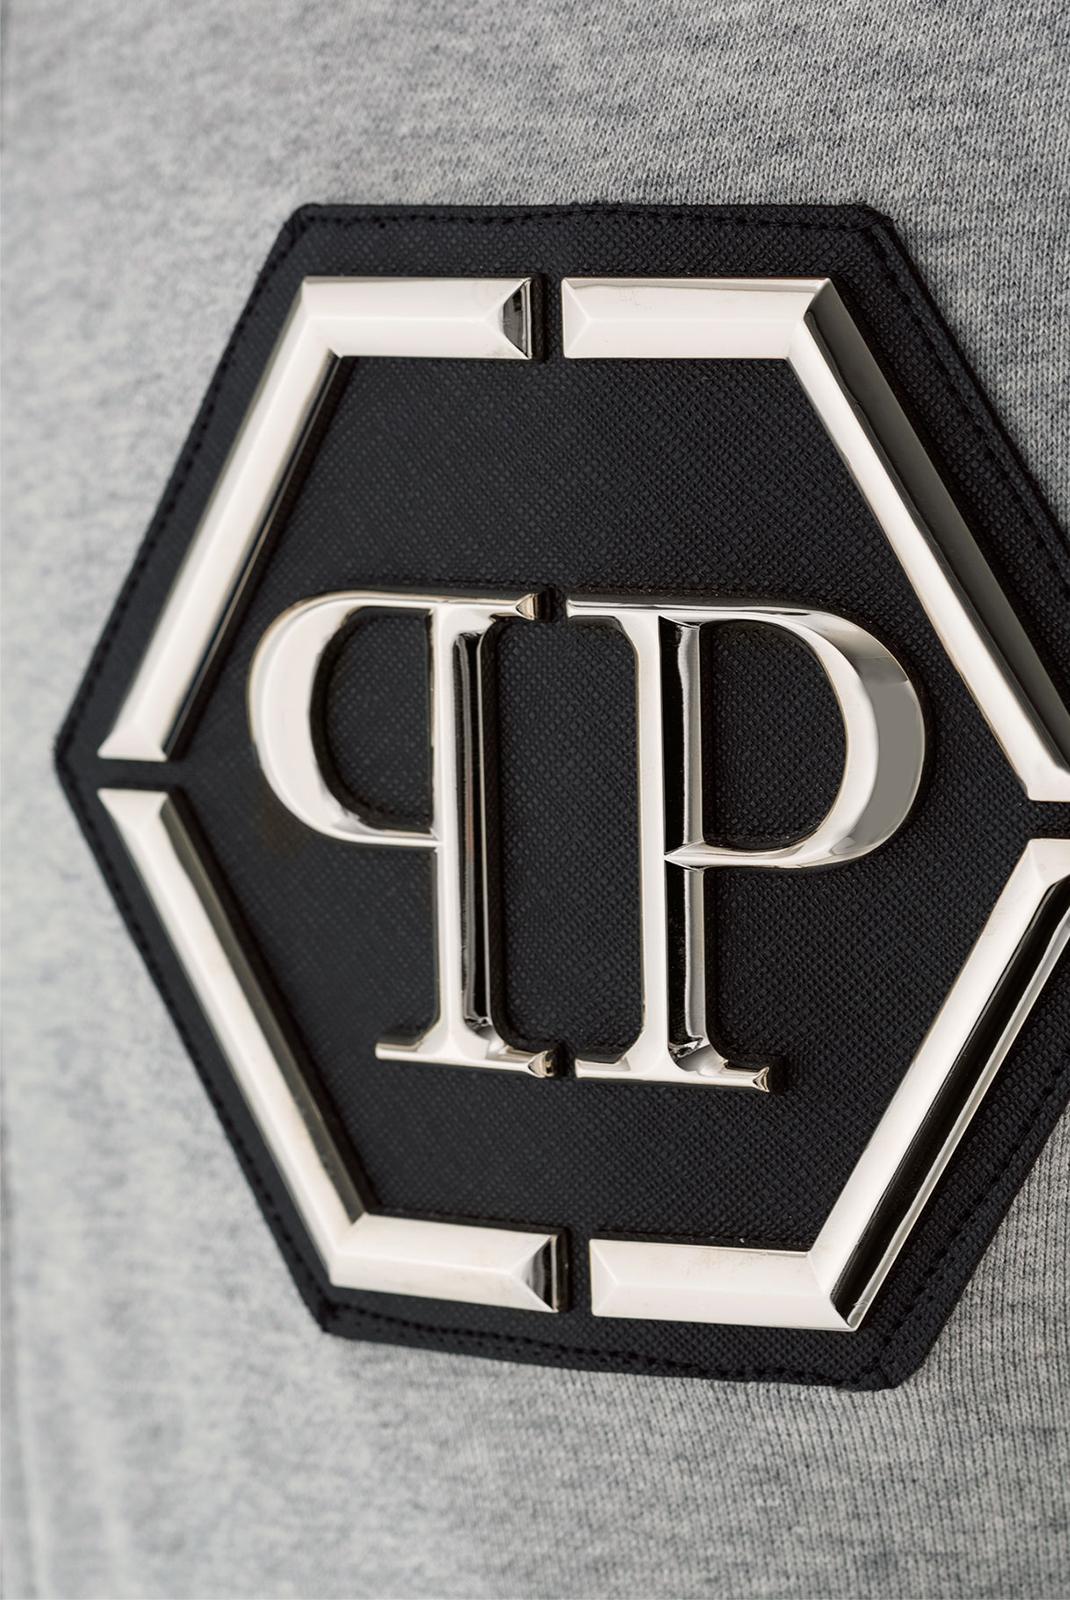 Vestes zippées  Philipp plein MJB0041 AIR 1046 GREY MELANGED